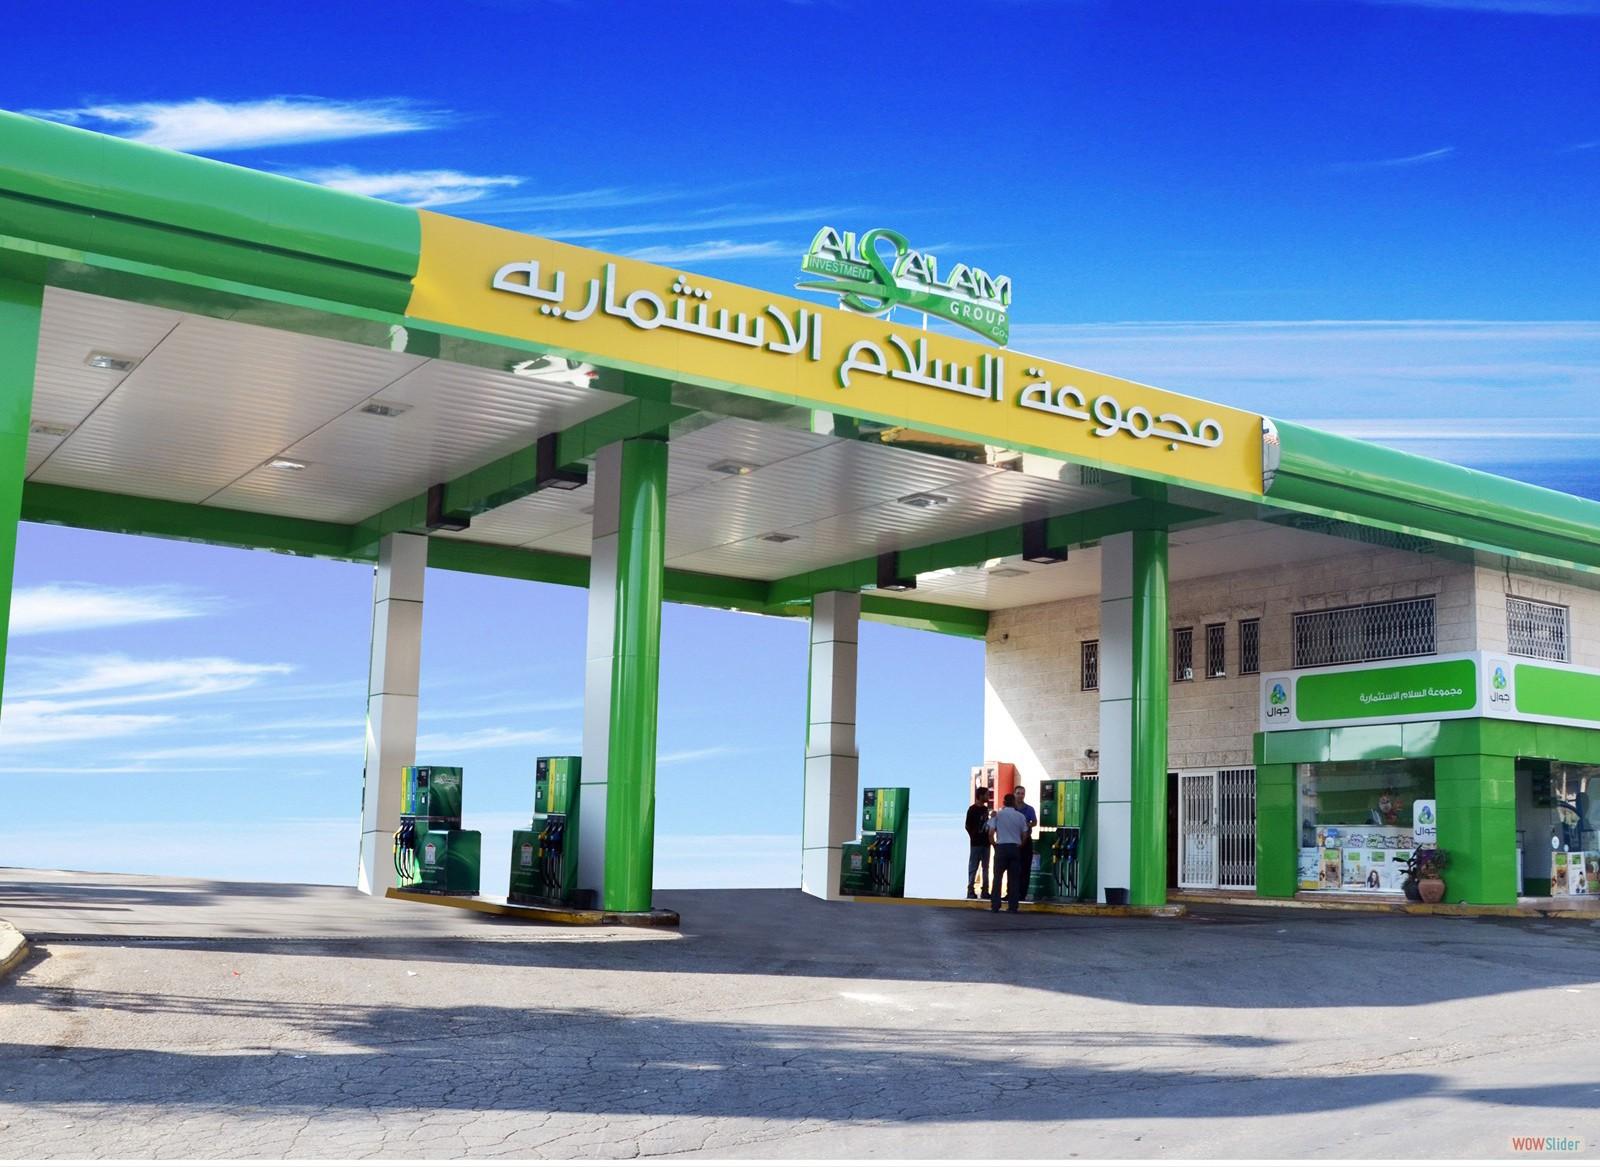 Al-Salam Group